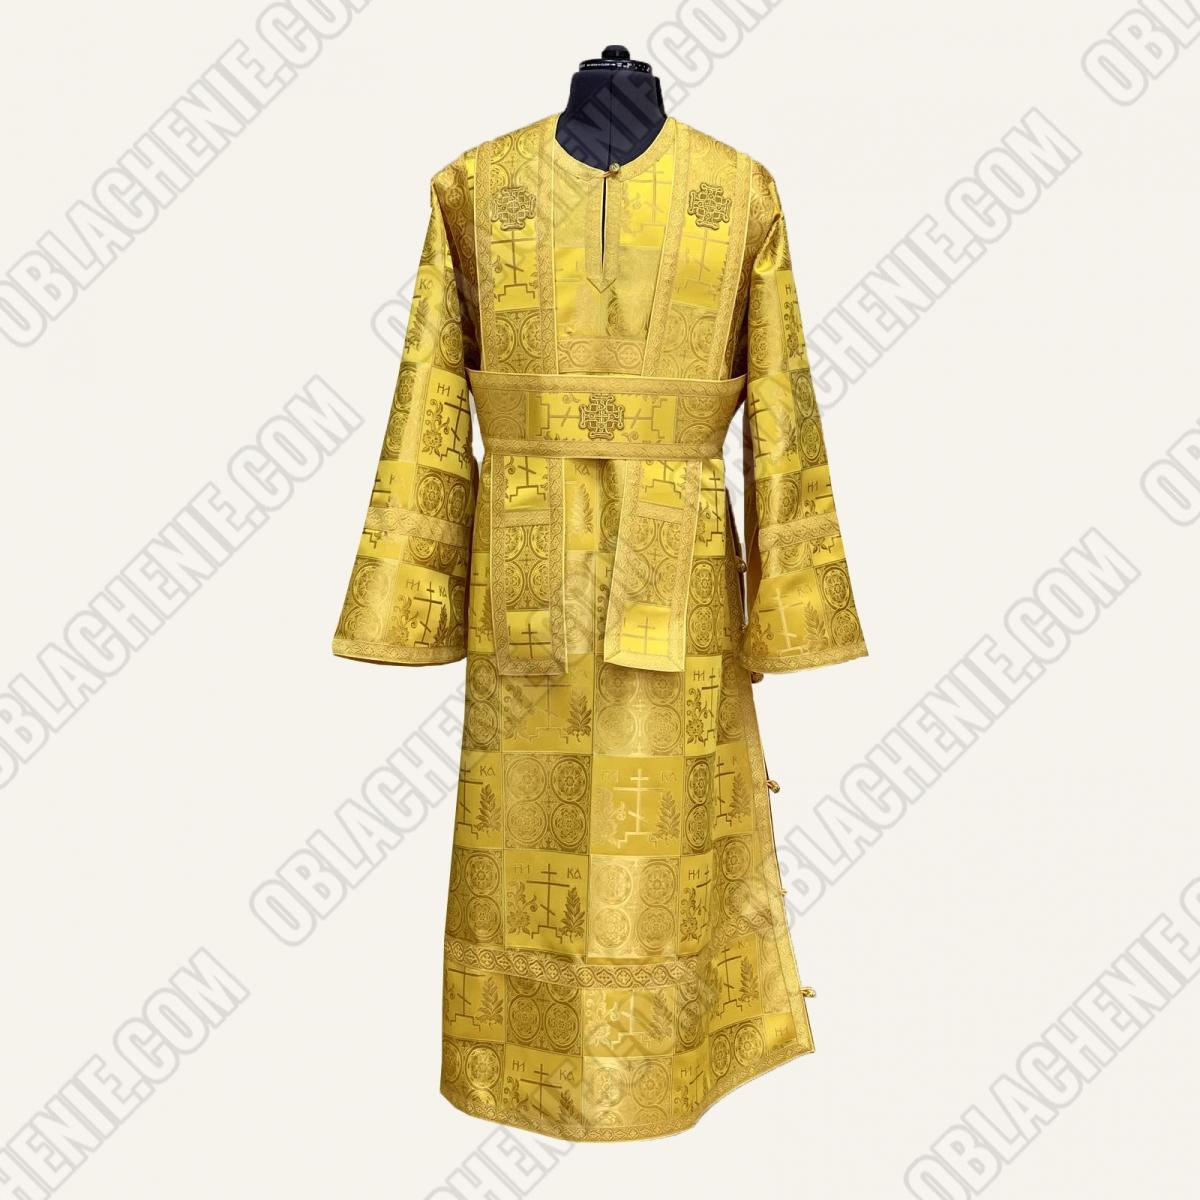 Subdeacon's vestments 11363